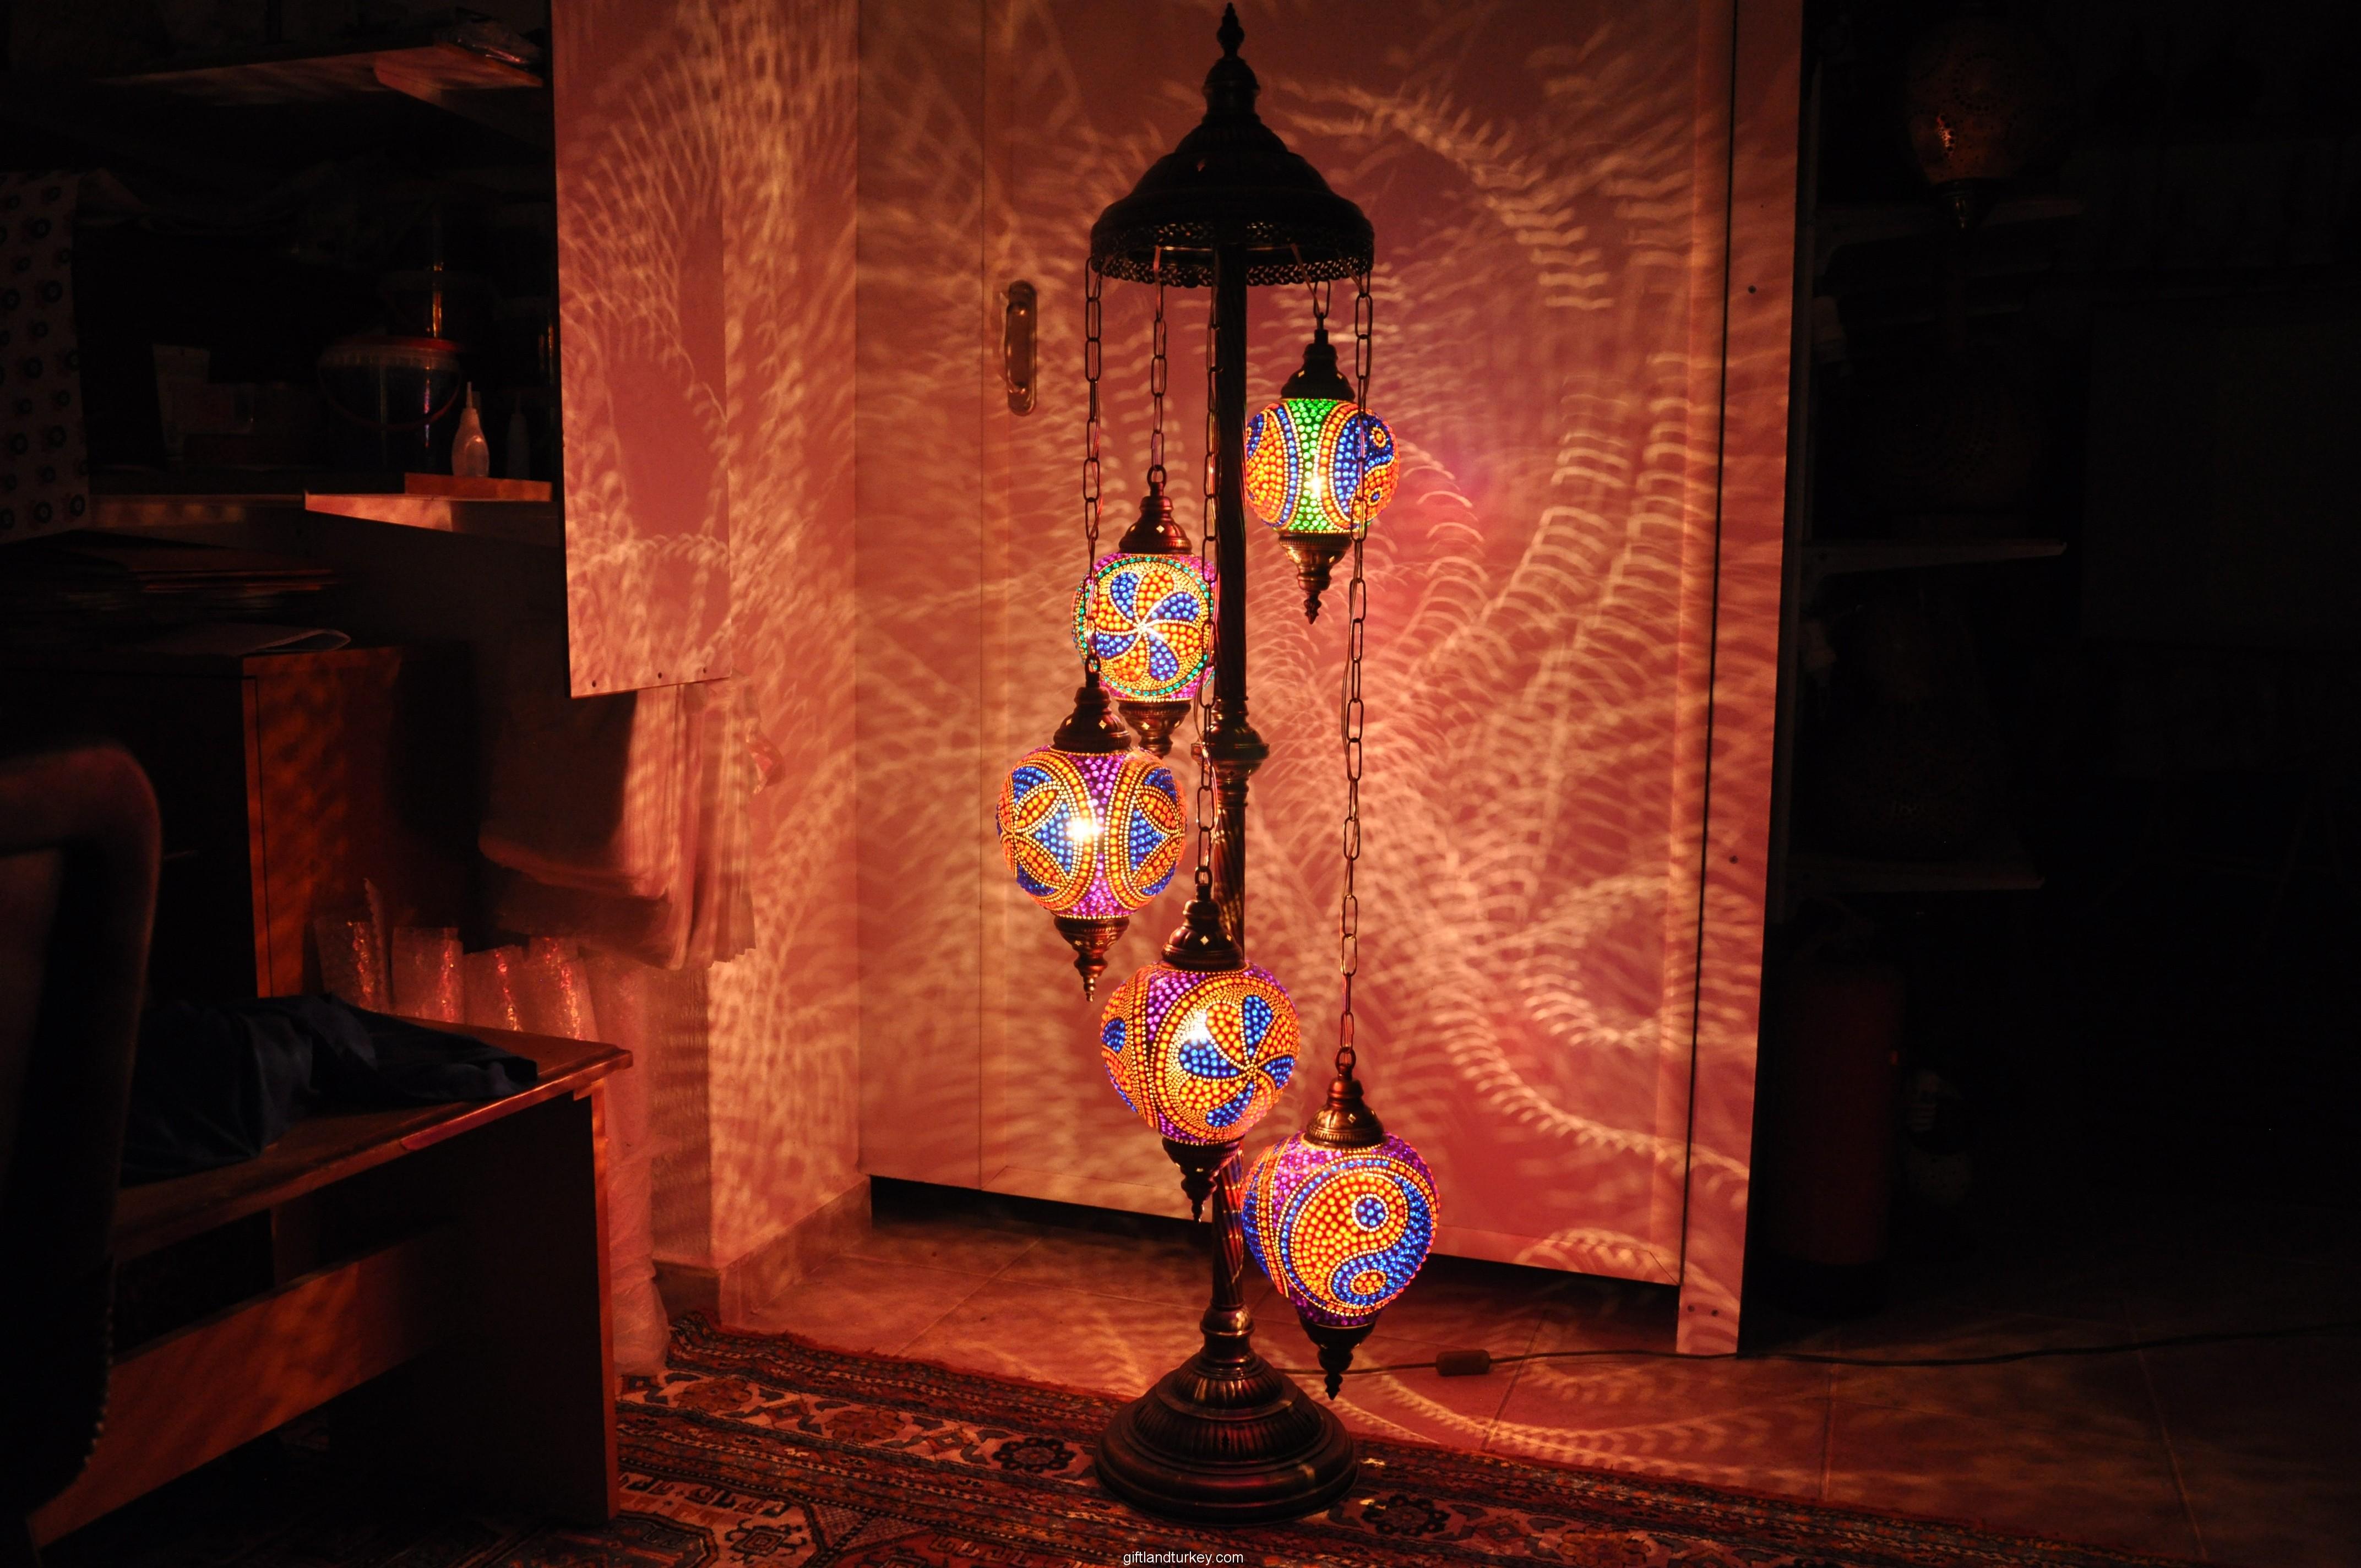 Mosaic lamp manufacturer